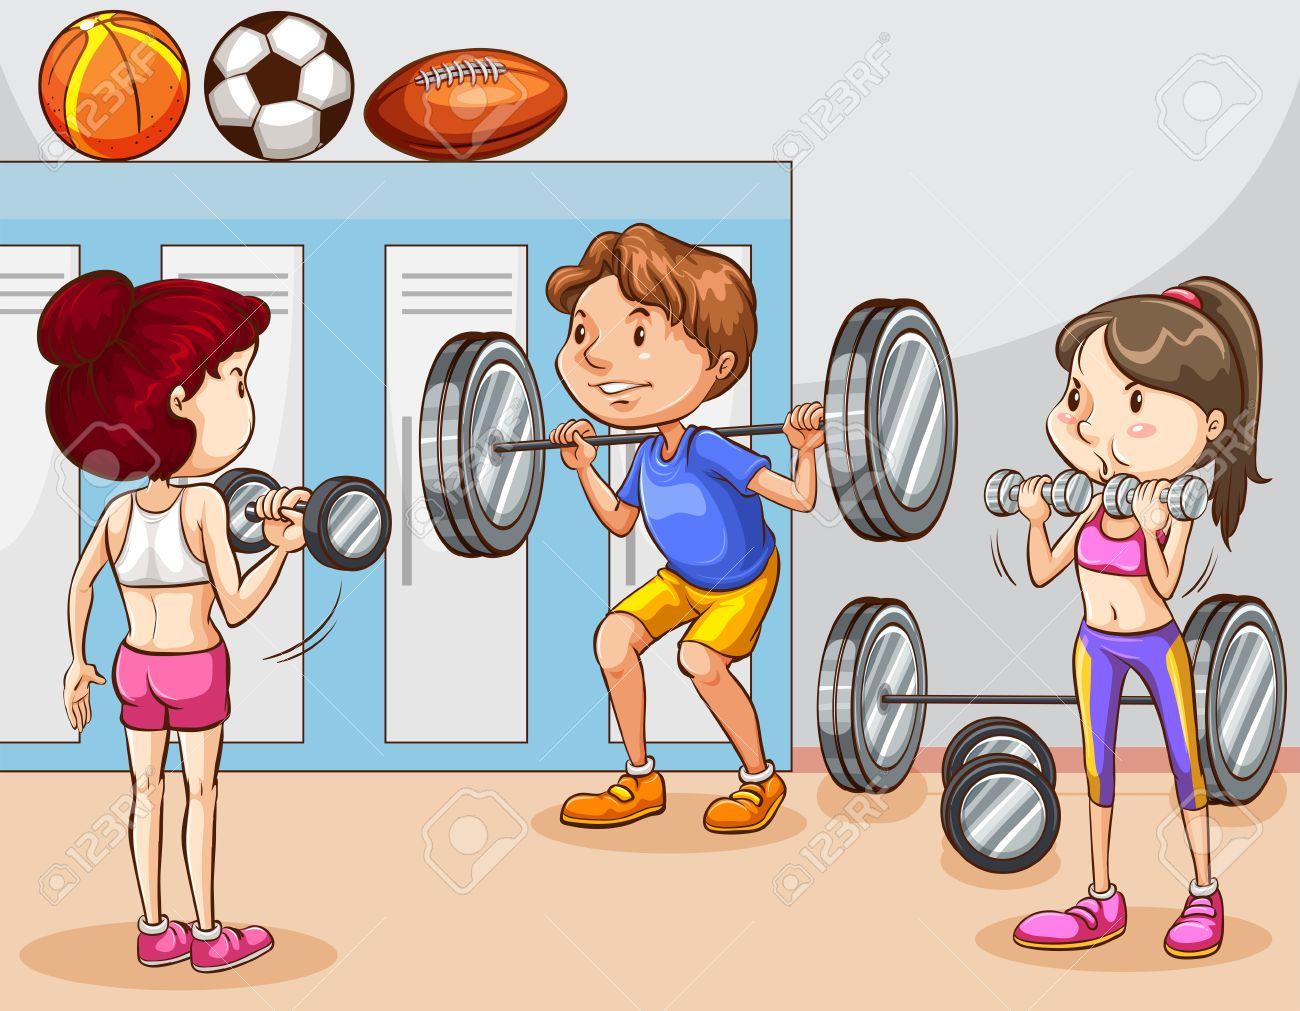 Gym clipart el gimnasio, Picture #2785917 gym clipart el.